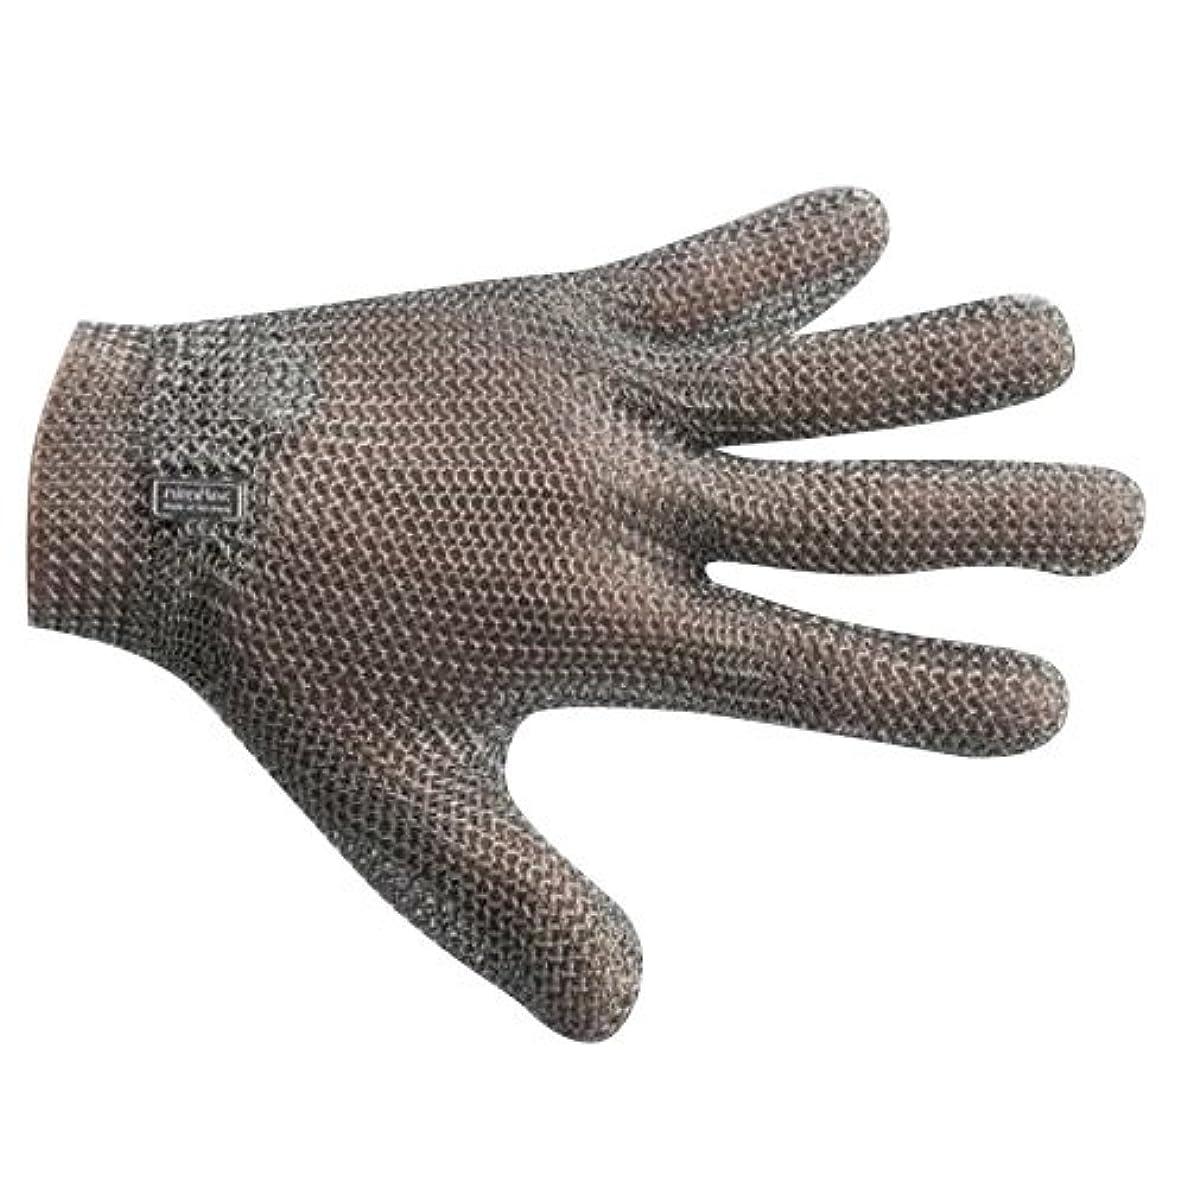 コメントまでポゴスティックジャンプ宇都宮製作 GU-2500 ステンレスメッシュ手袋 5本指(左右兼用) L